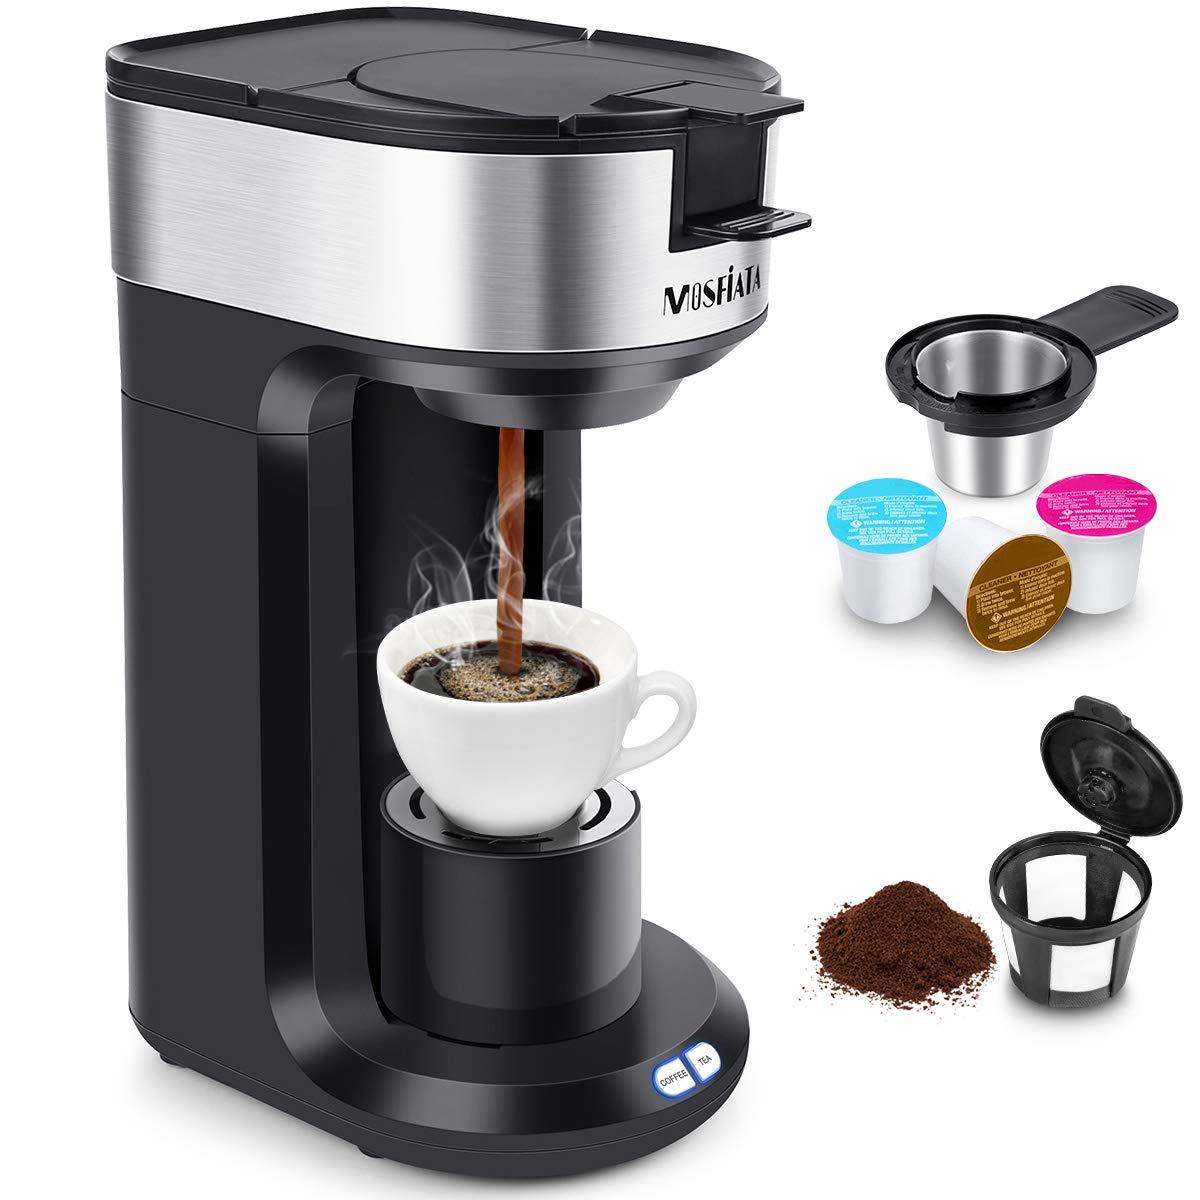 Cafetera MOSFiATA Cafetera con filtro 3 en 1 para café en polvo, cápsula de café, parada de goteo de té Limpieza automática Negro [Clase energética A +++]: Amazon.es: Hogar